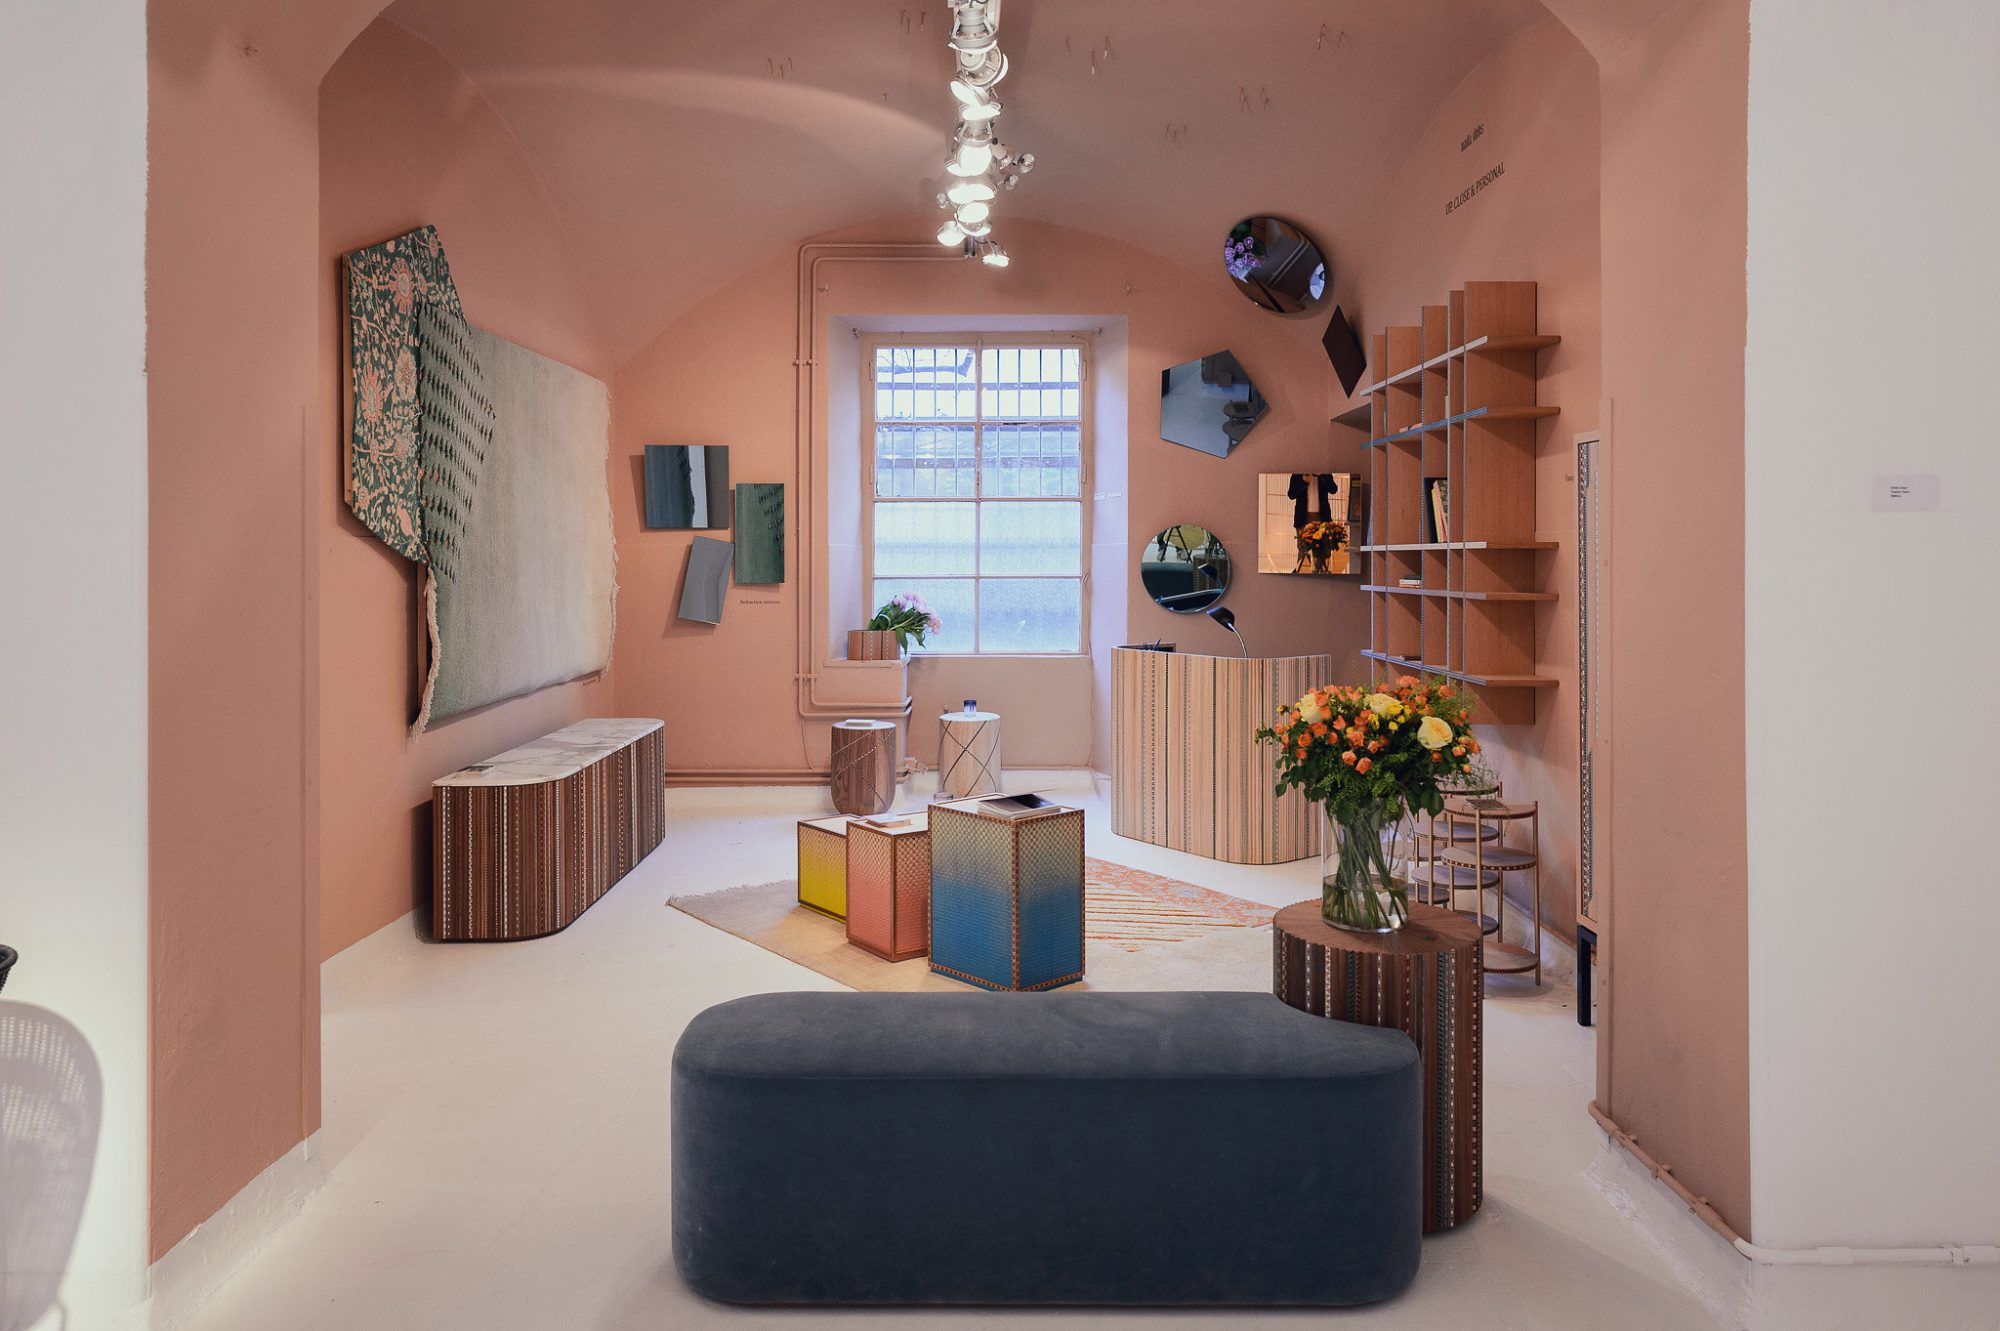 Jotun presenta un nuevo color en la Feria del Mueble de Milán